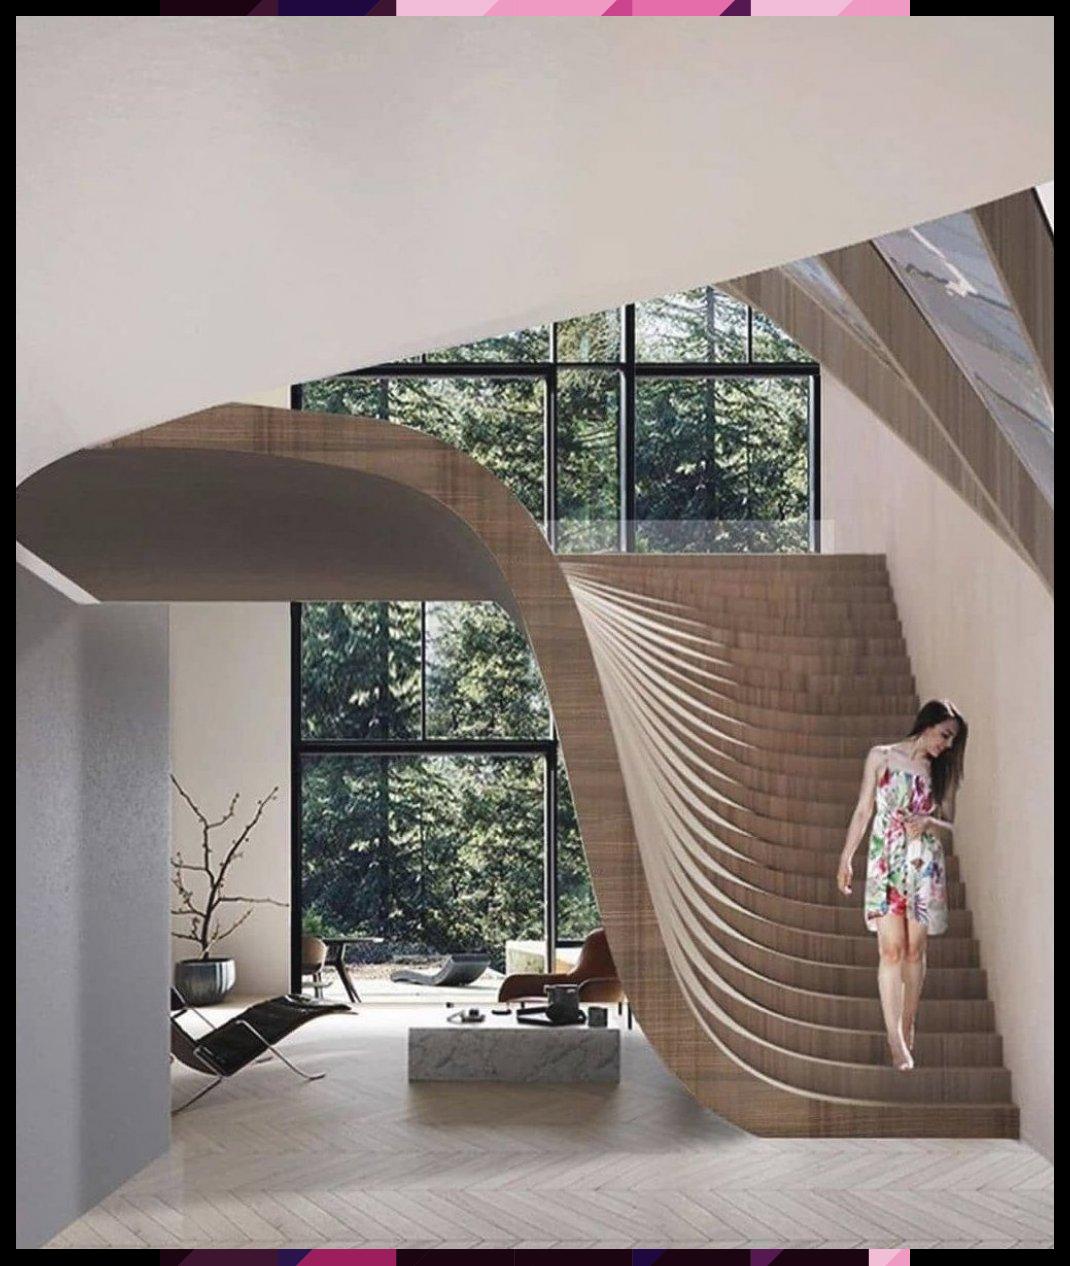 Inspiration für Innenarchitektur auf Instagram ...